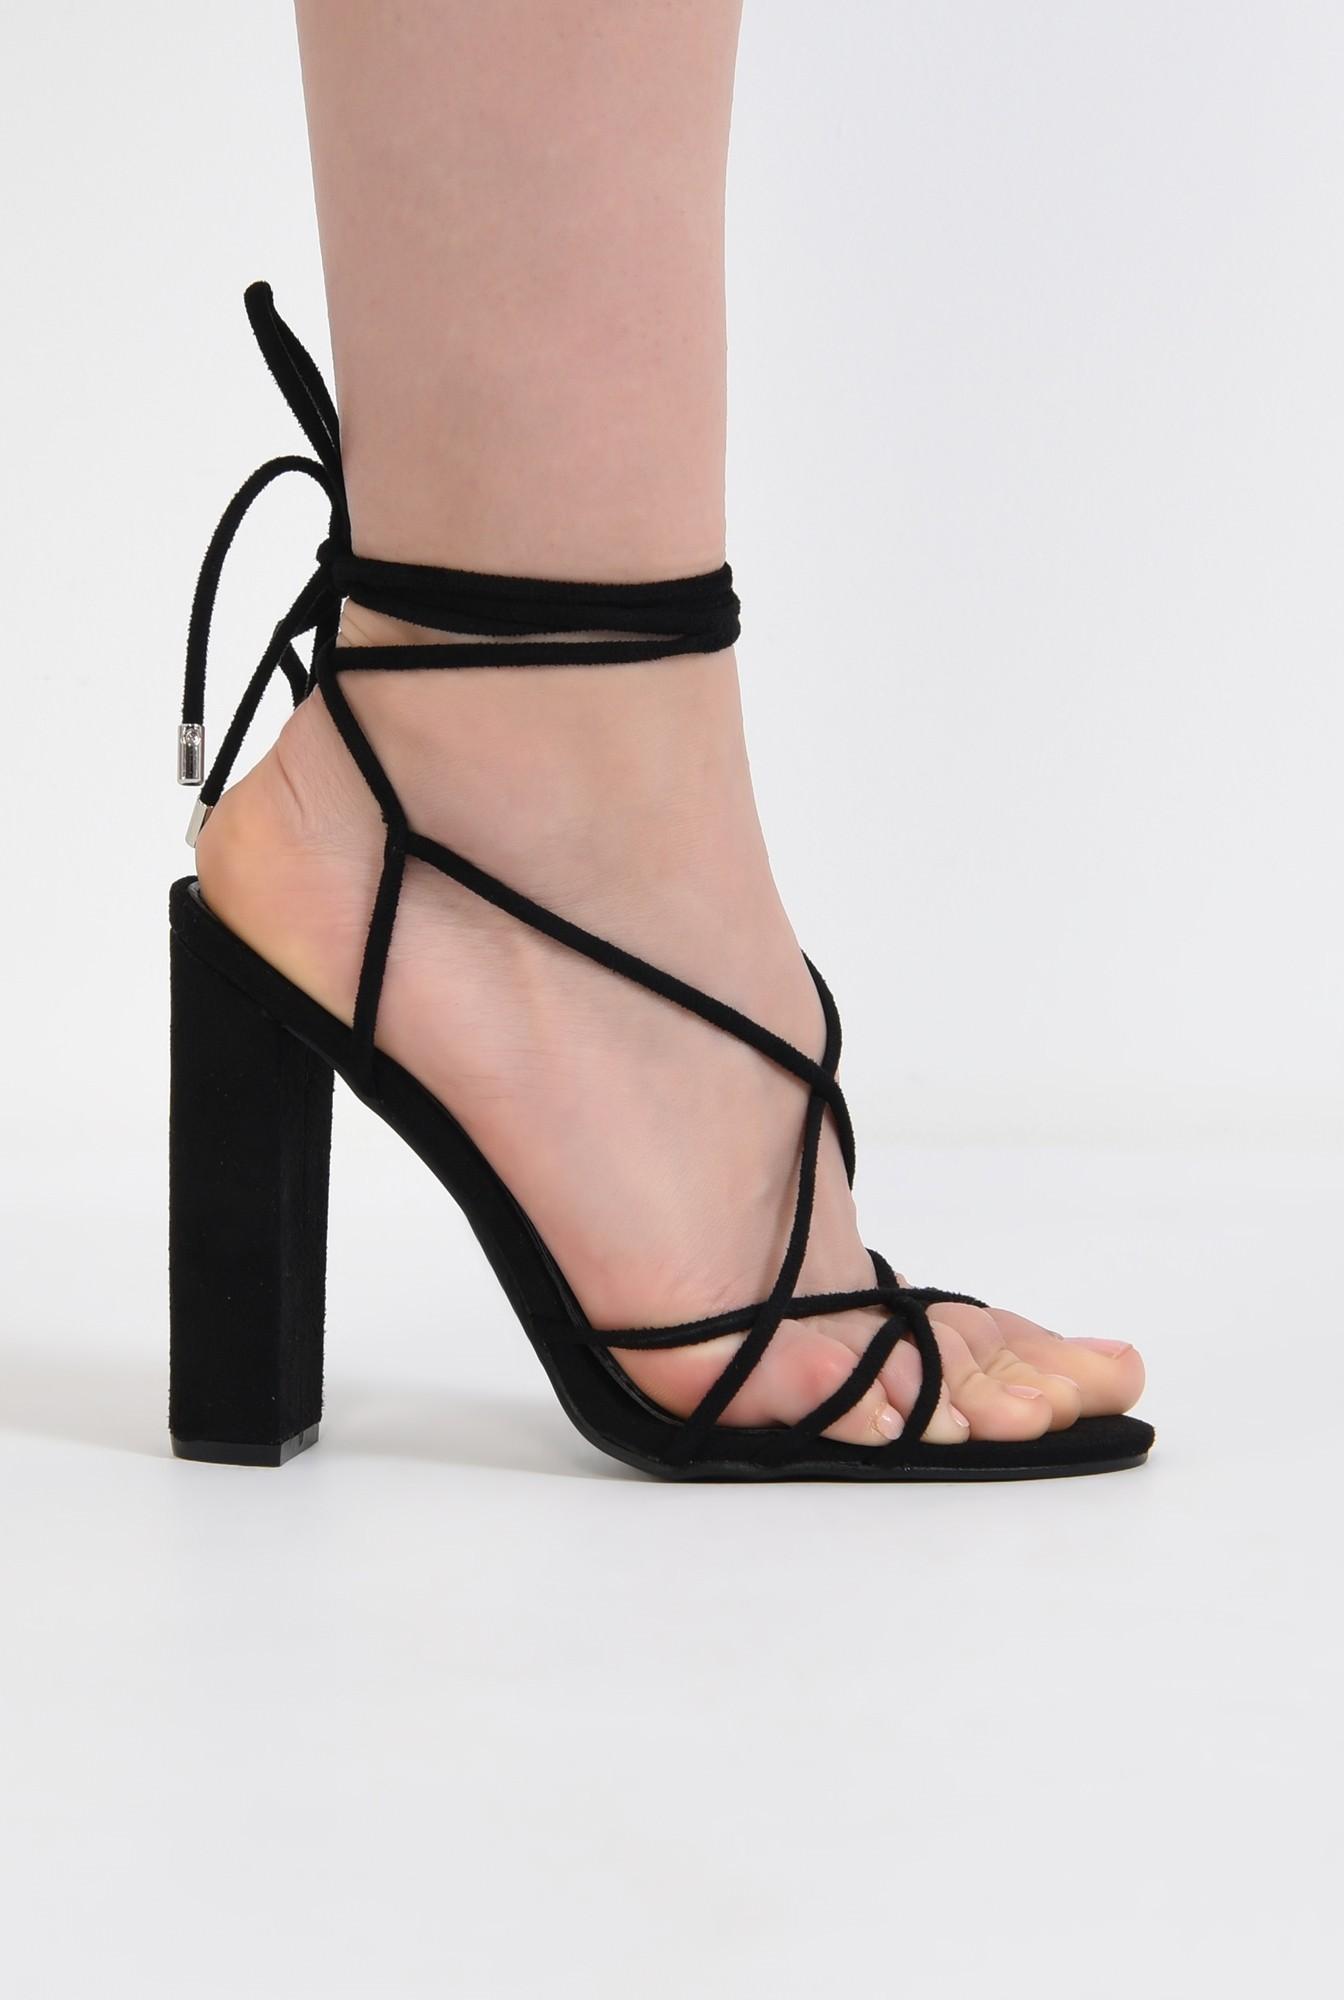 sandale elegante, negre, cu toc gros, barete tip snur